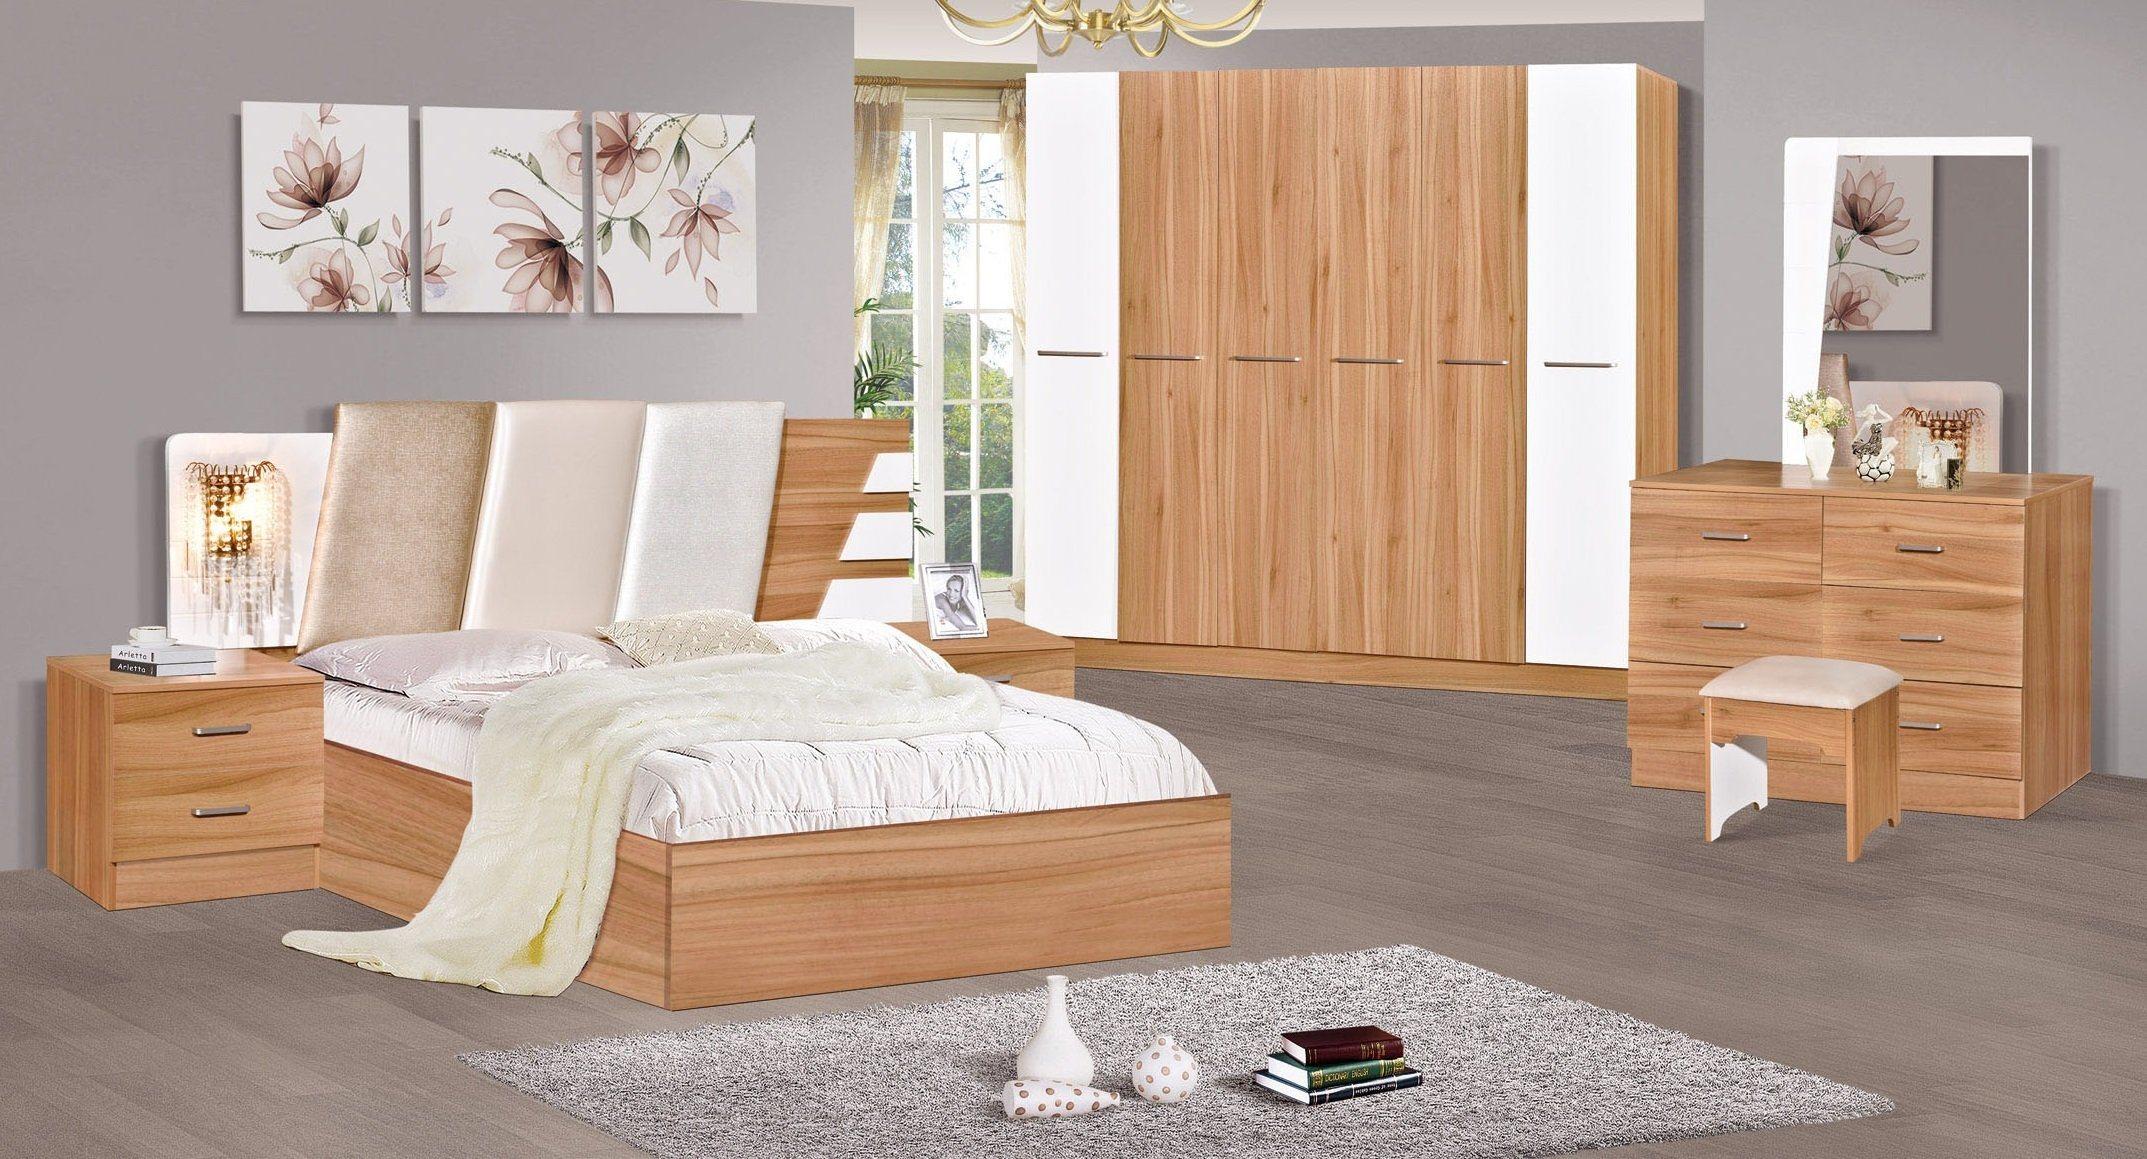 [Hot Item] New Design Modern Furniture Bedroom Sets Melamine Finish  Wardrobe Dressing Table King Size Bed